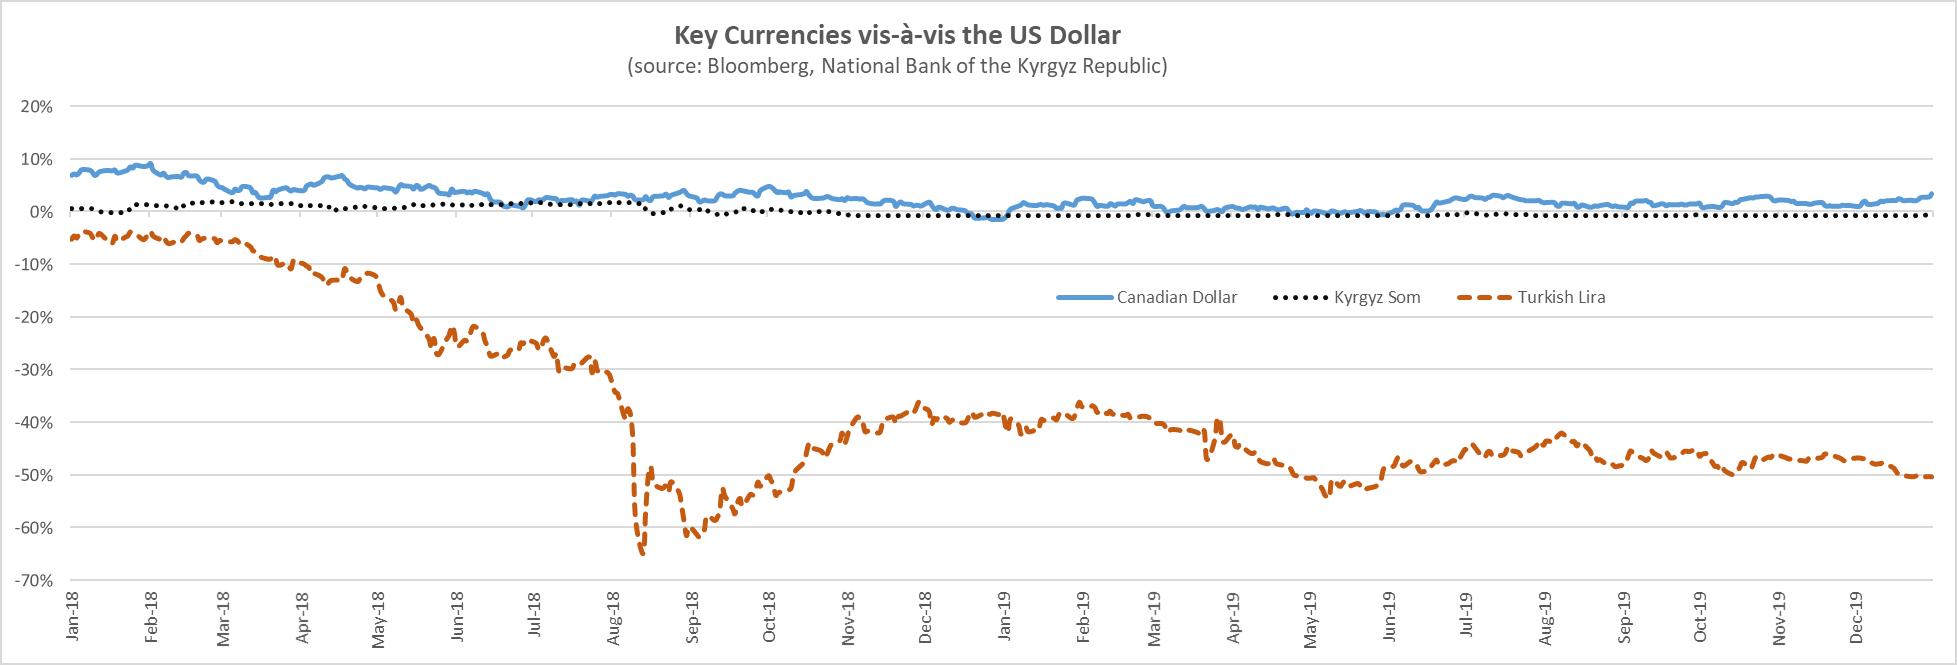 Key Currencies vs. USD